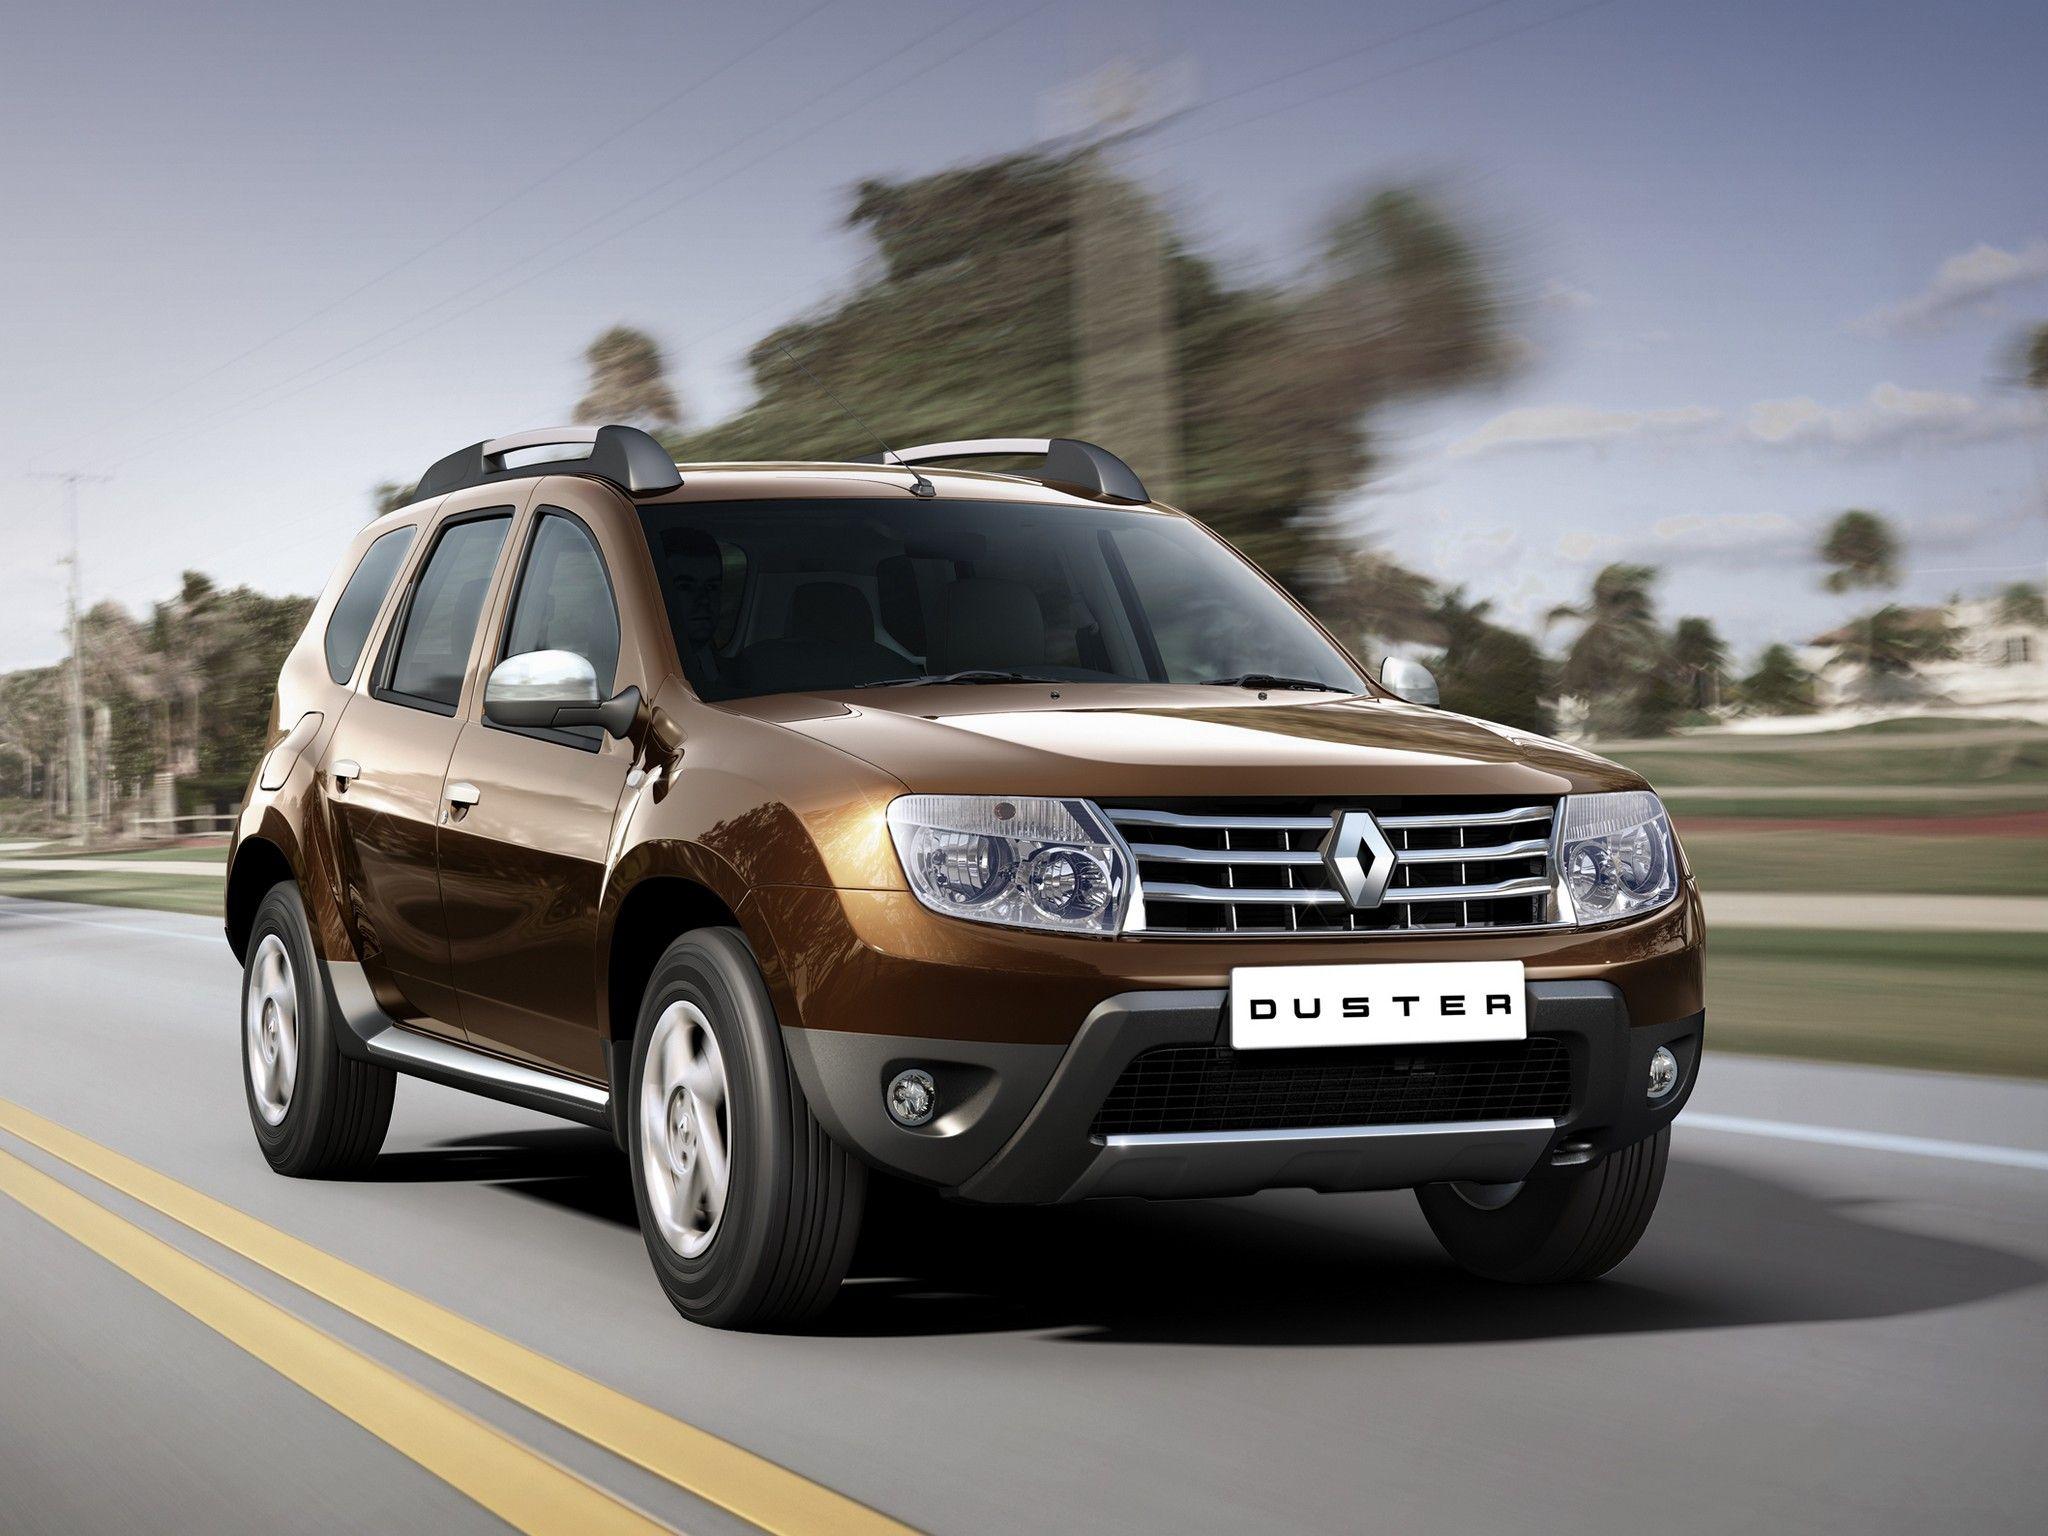 Renault Duster коричневого цвета